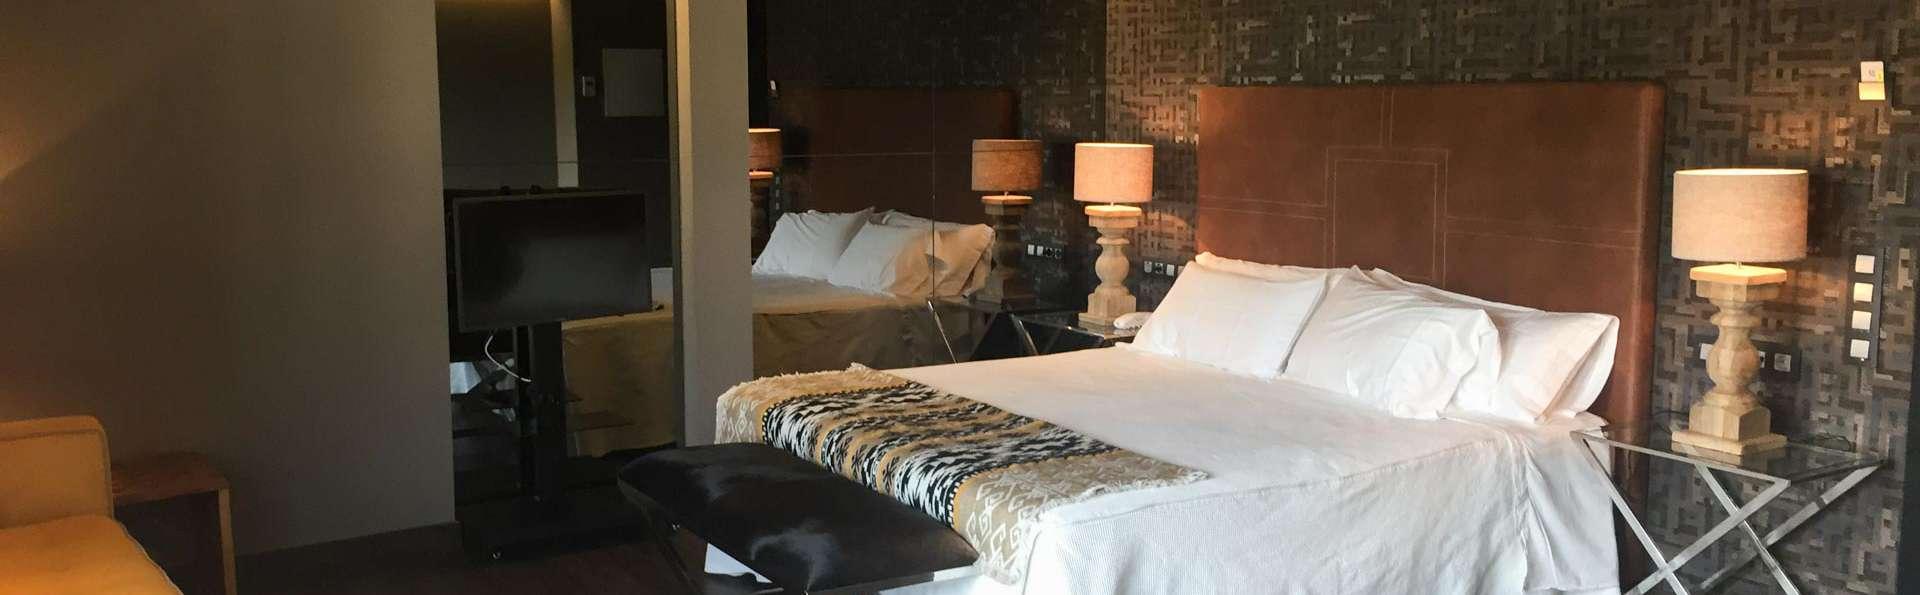 El paraíso está en Aínsa: Alójate en una Junior suite que te enamorará y visita este precioso pueblo